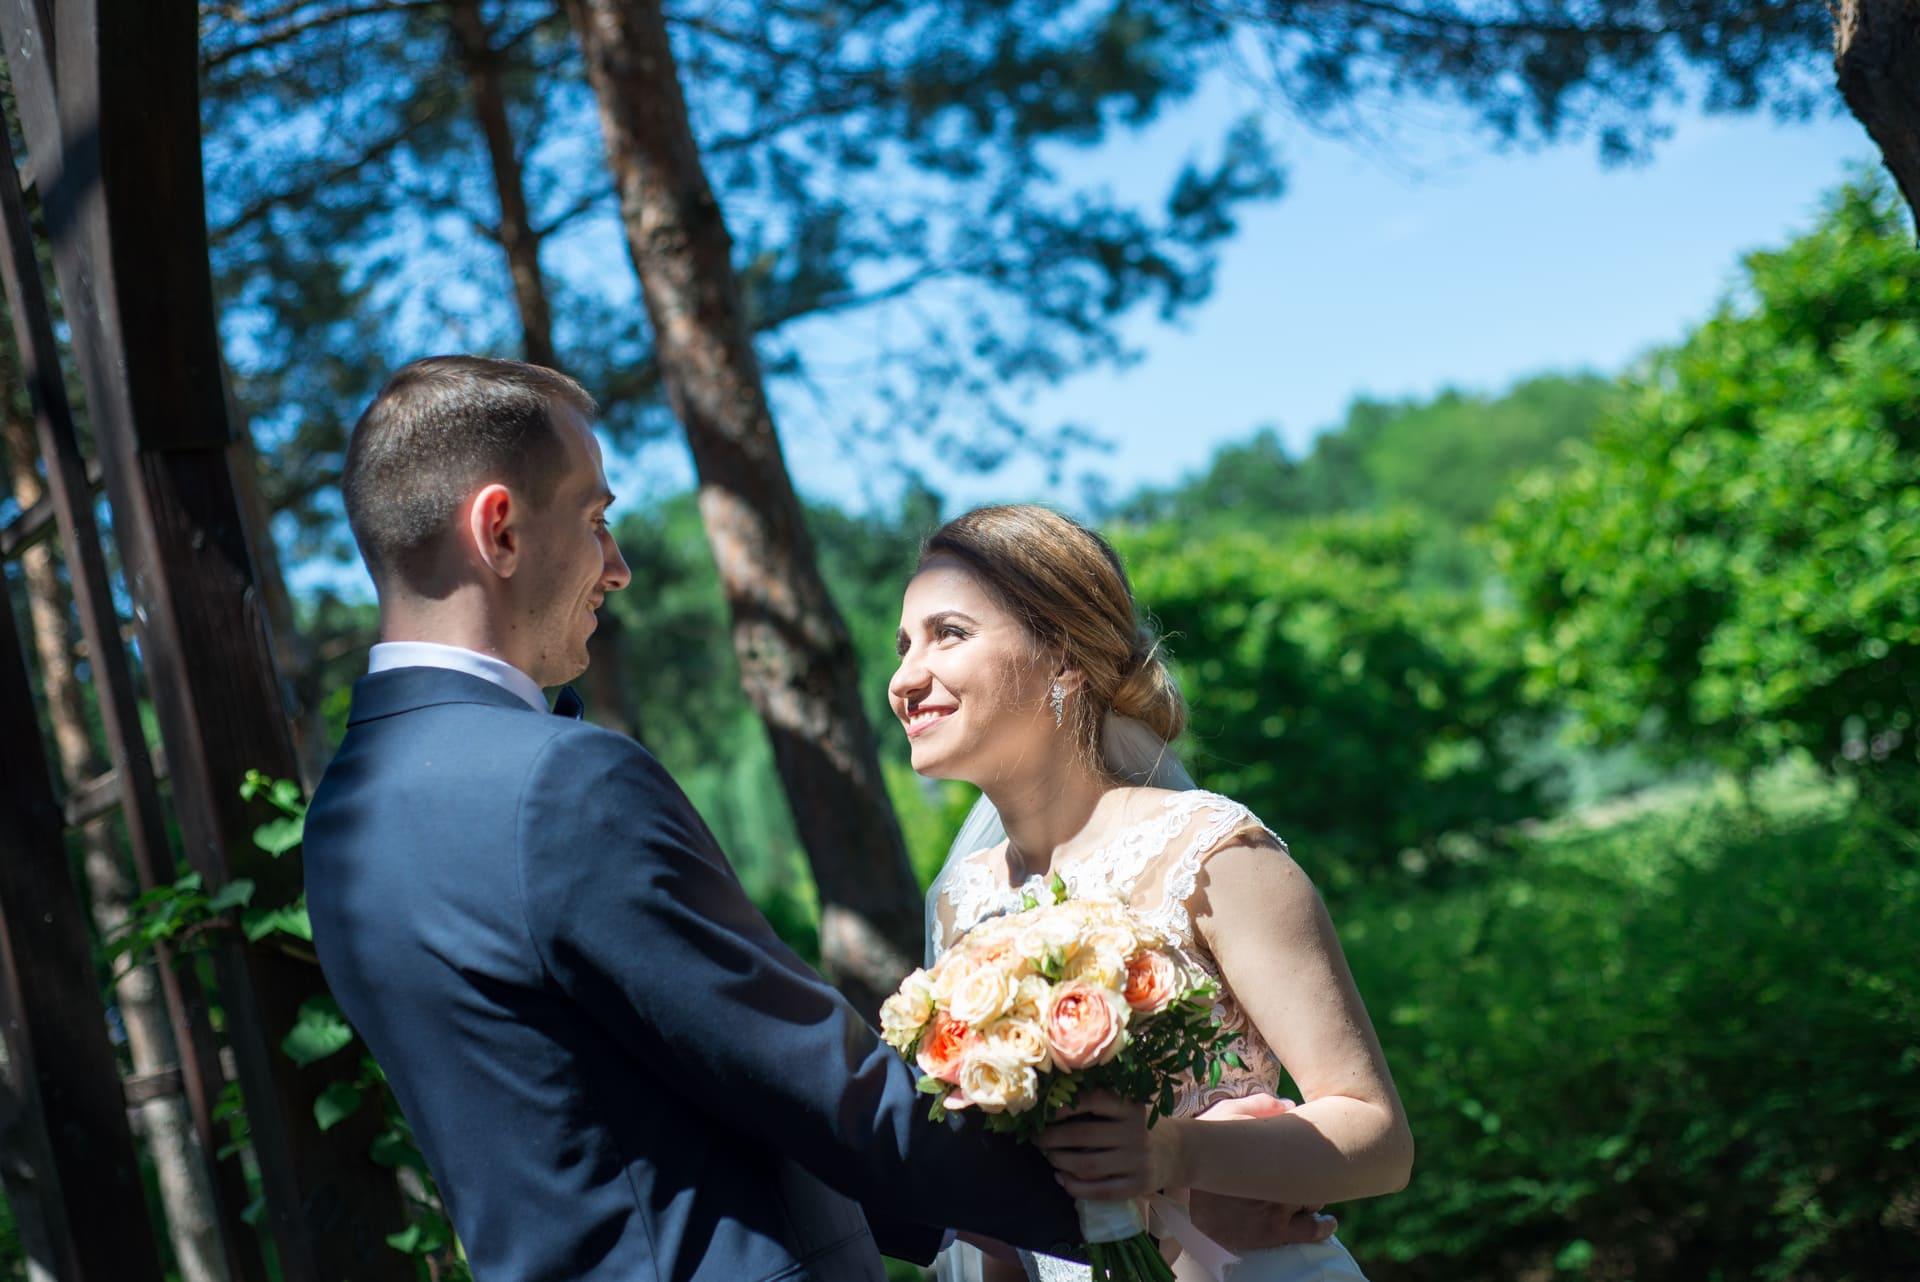 Свадебная фотосессия в Межигорье: Невеста и жених улыбаются